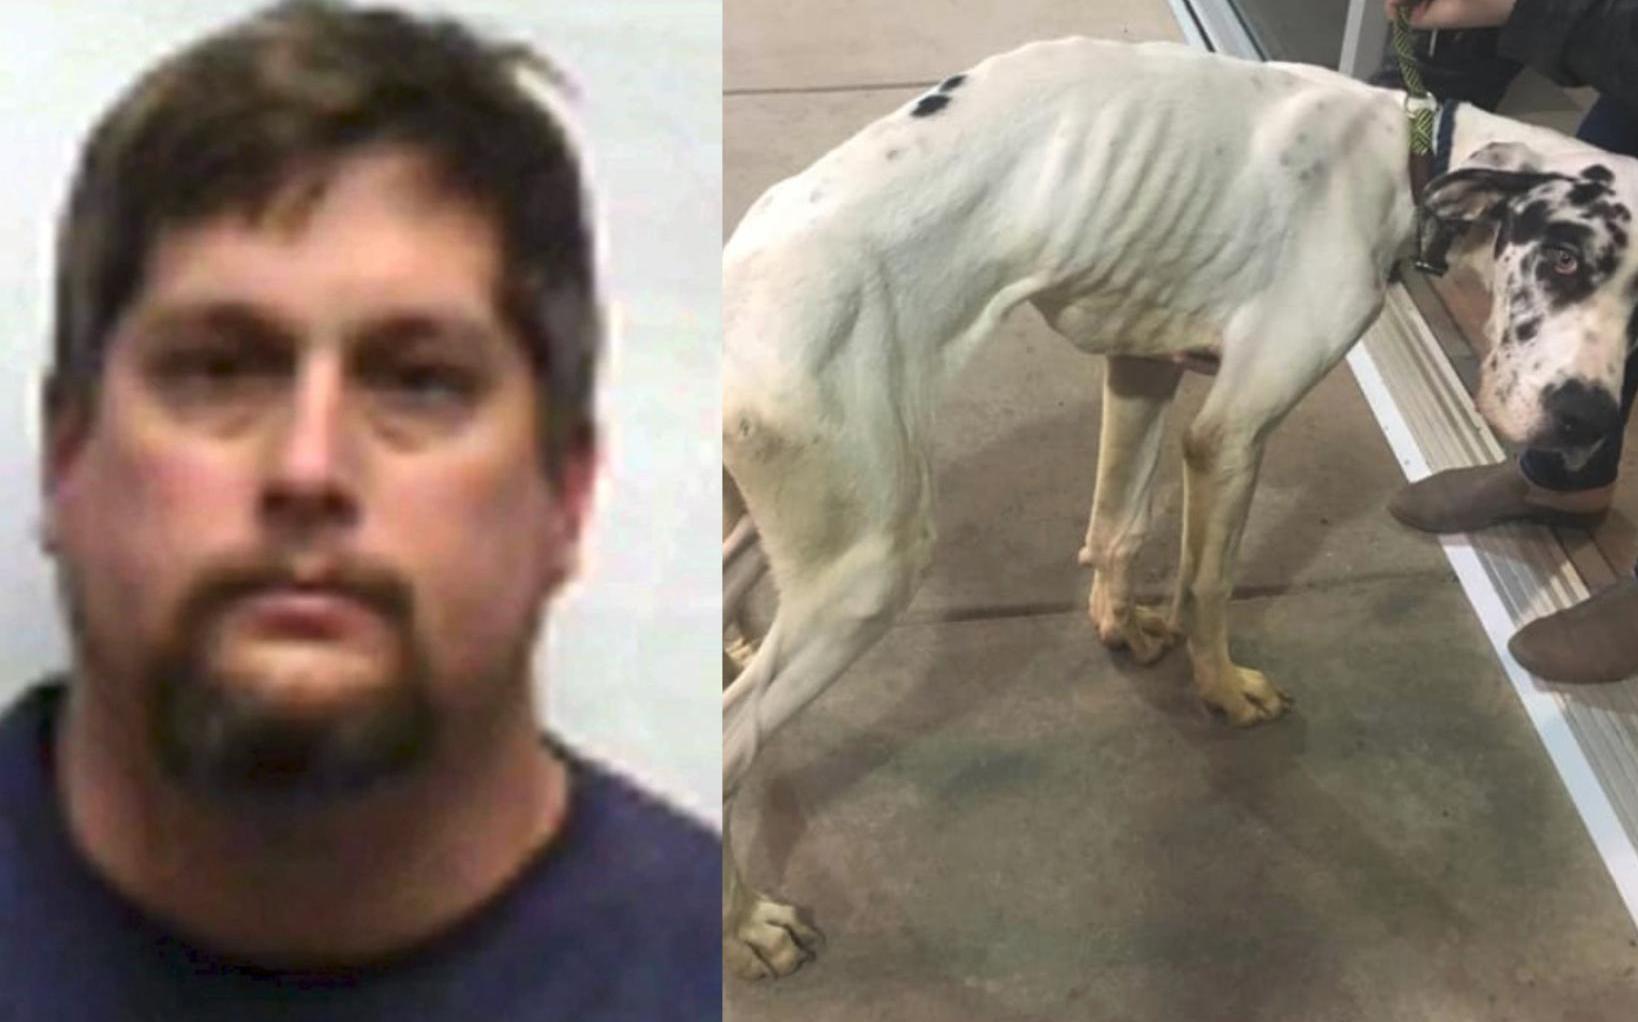 Adiestrador de perros se suicida después de ser acusado de abusar de los animales que cuidaba